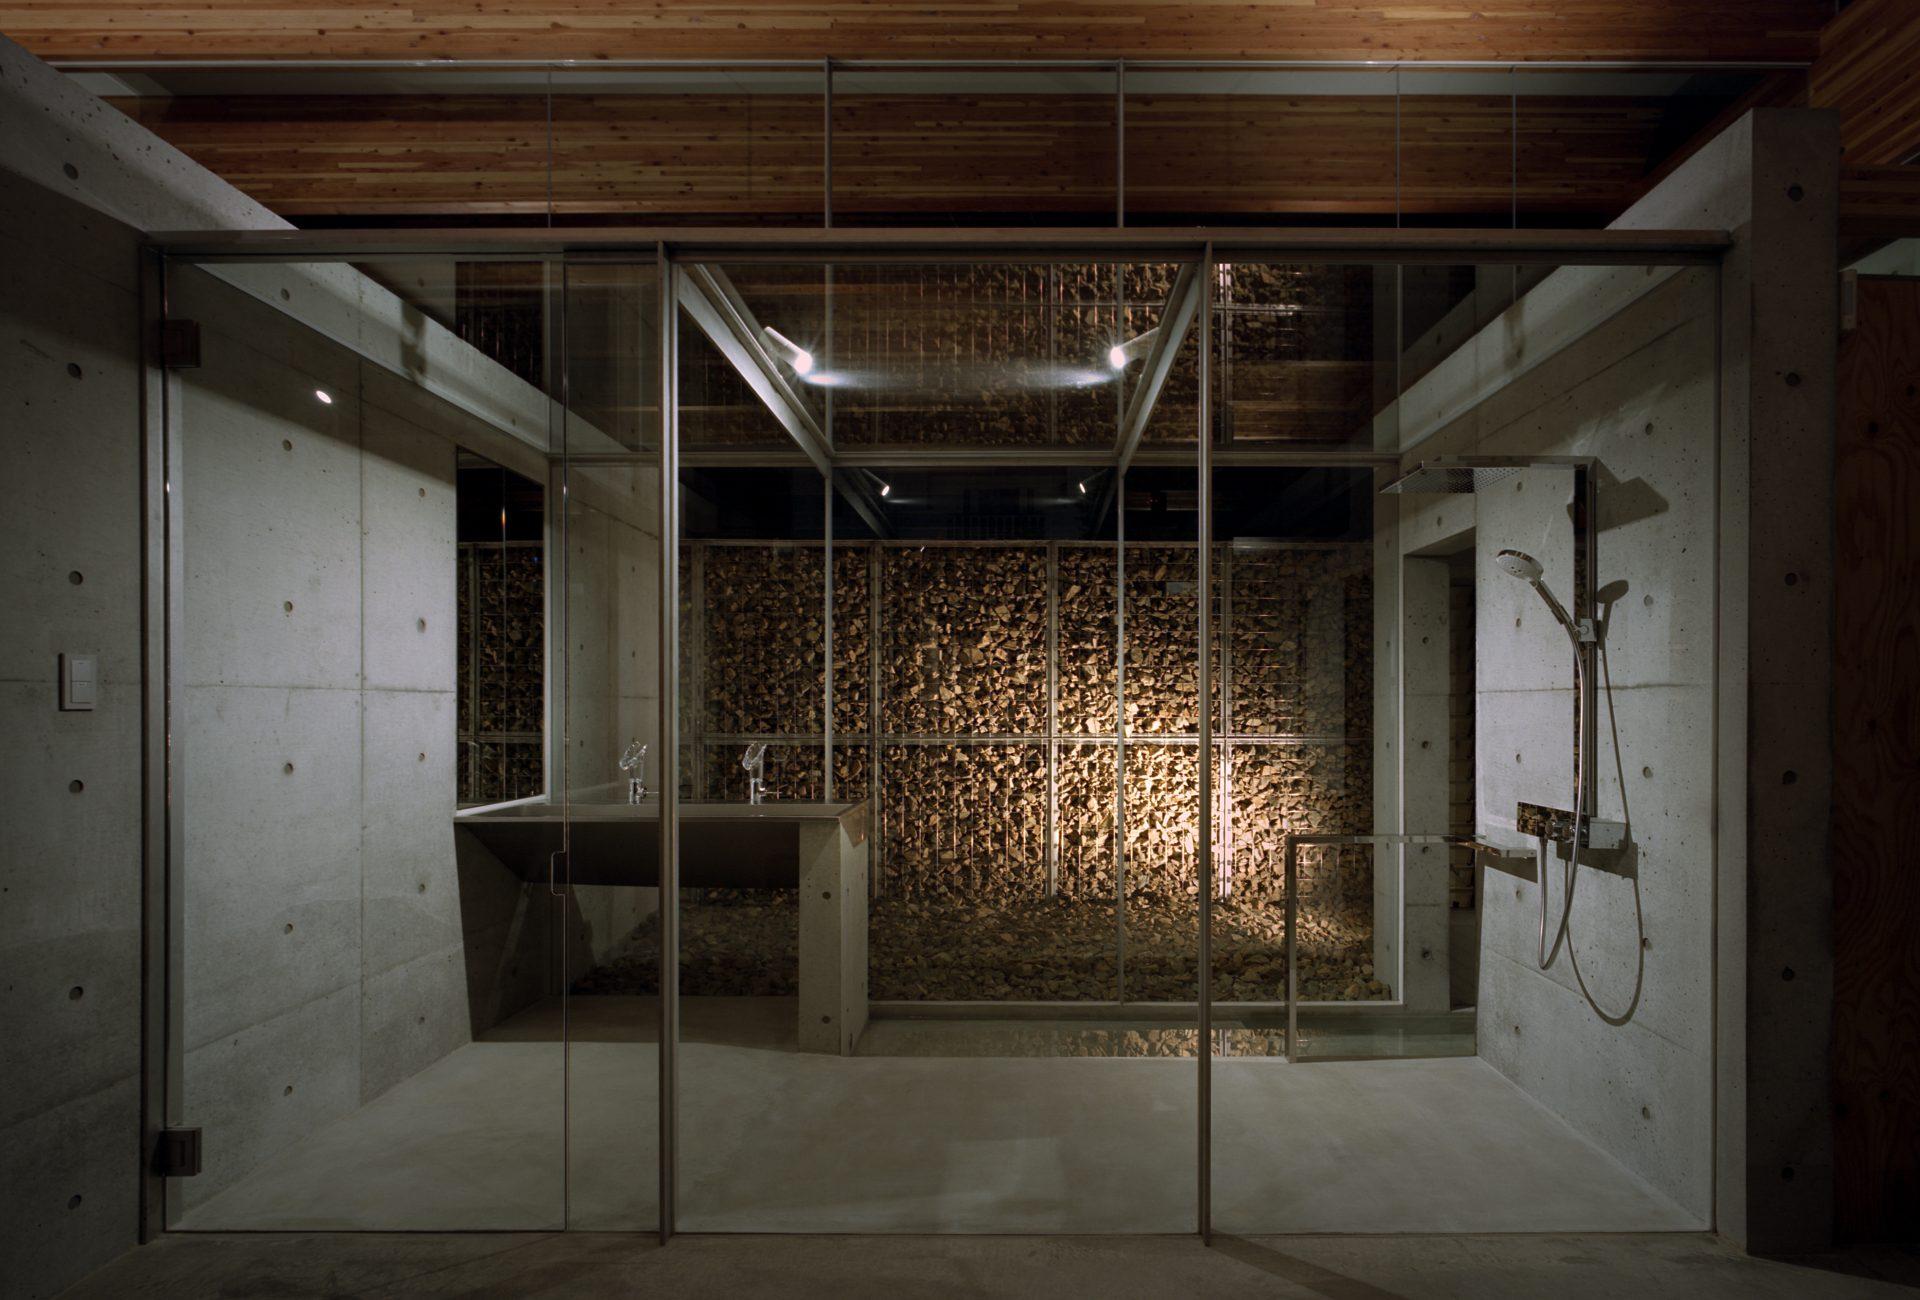 兵庫神戸北の平屋のシャワールーム(夜景)